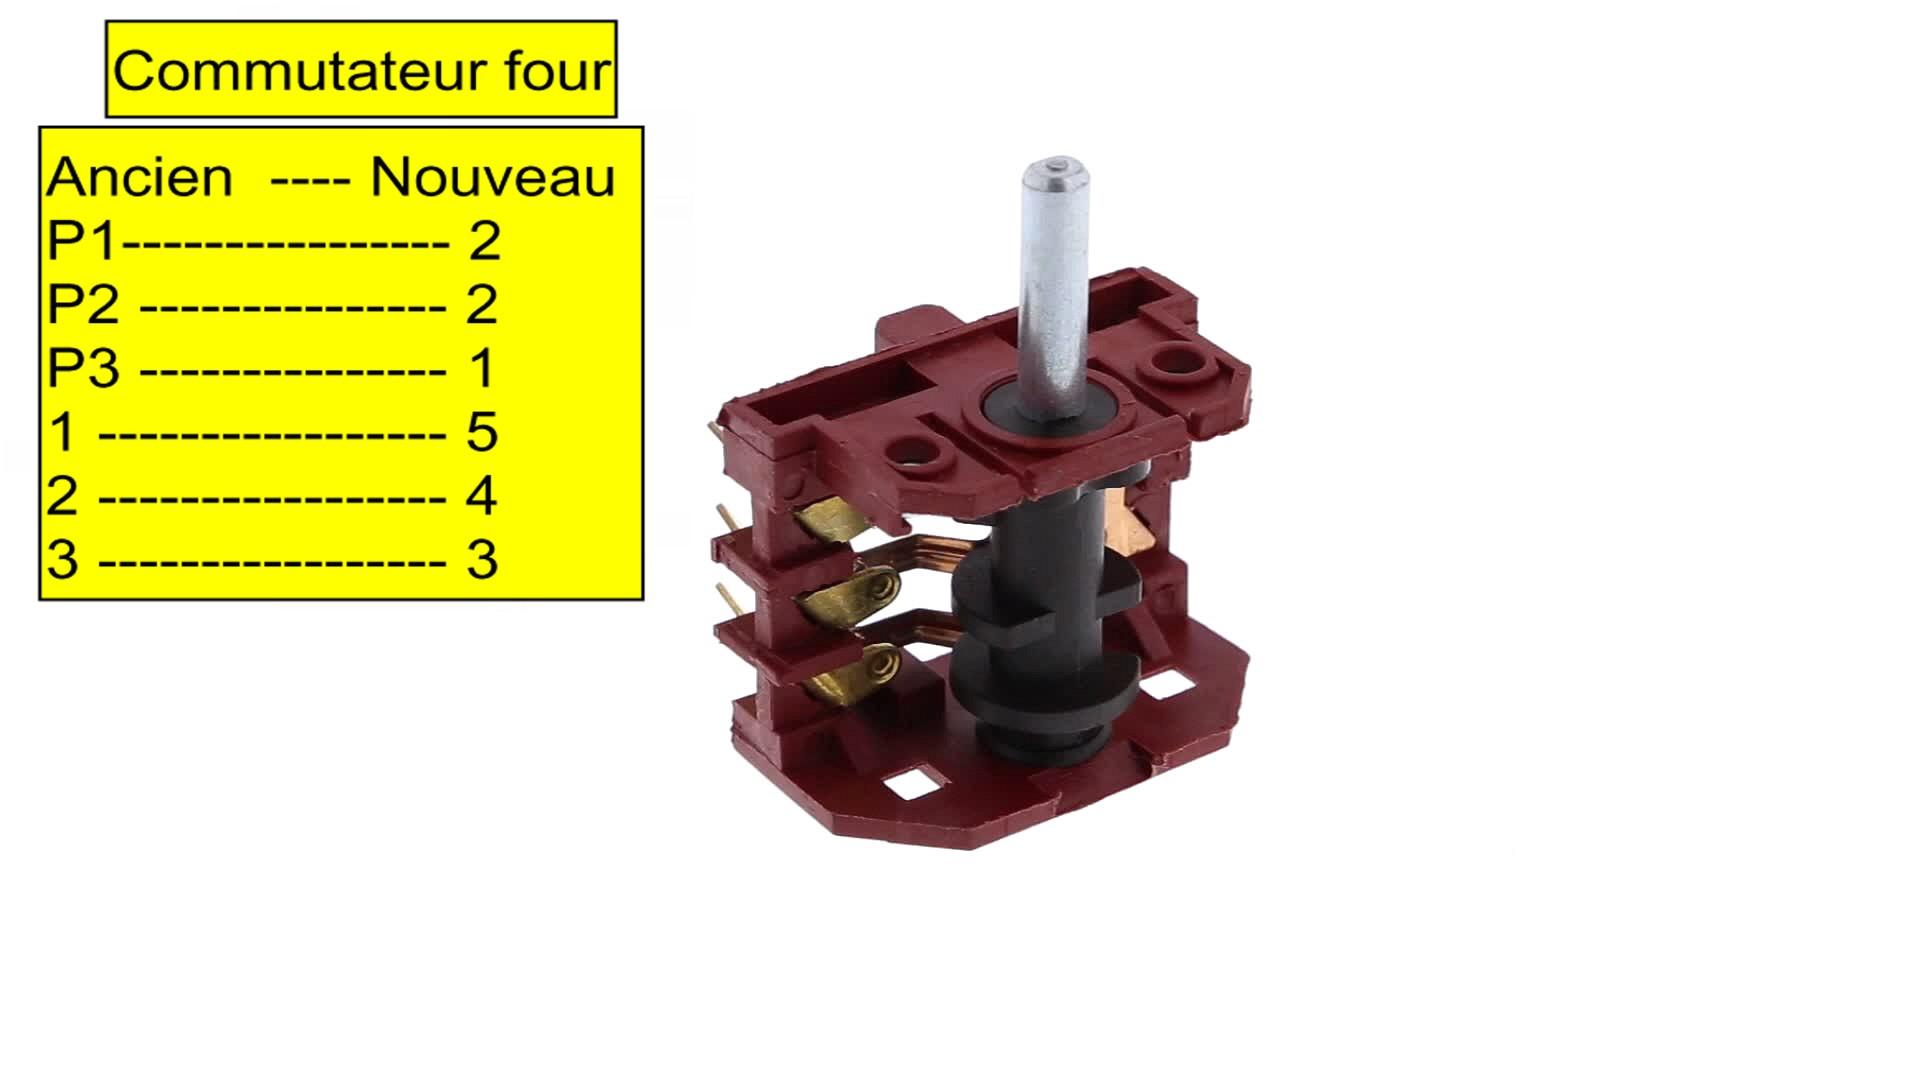 COMMUTATEUR CUISINIÈRE GRILL - 2